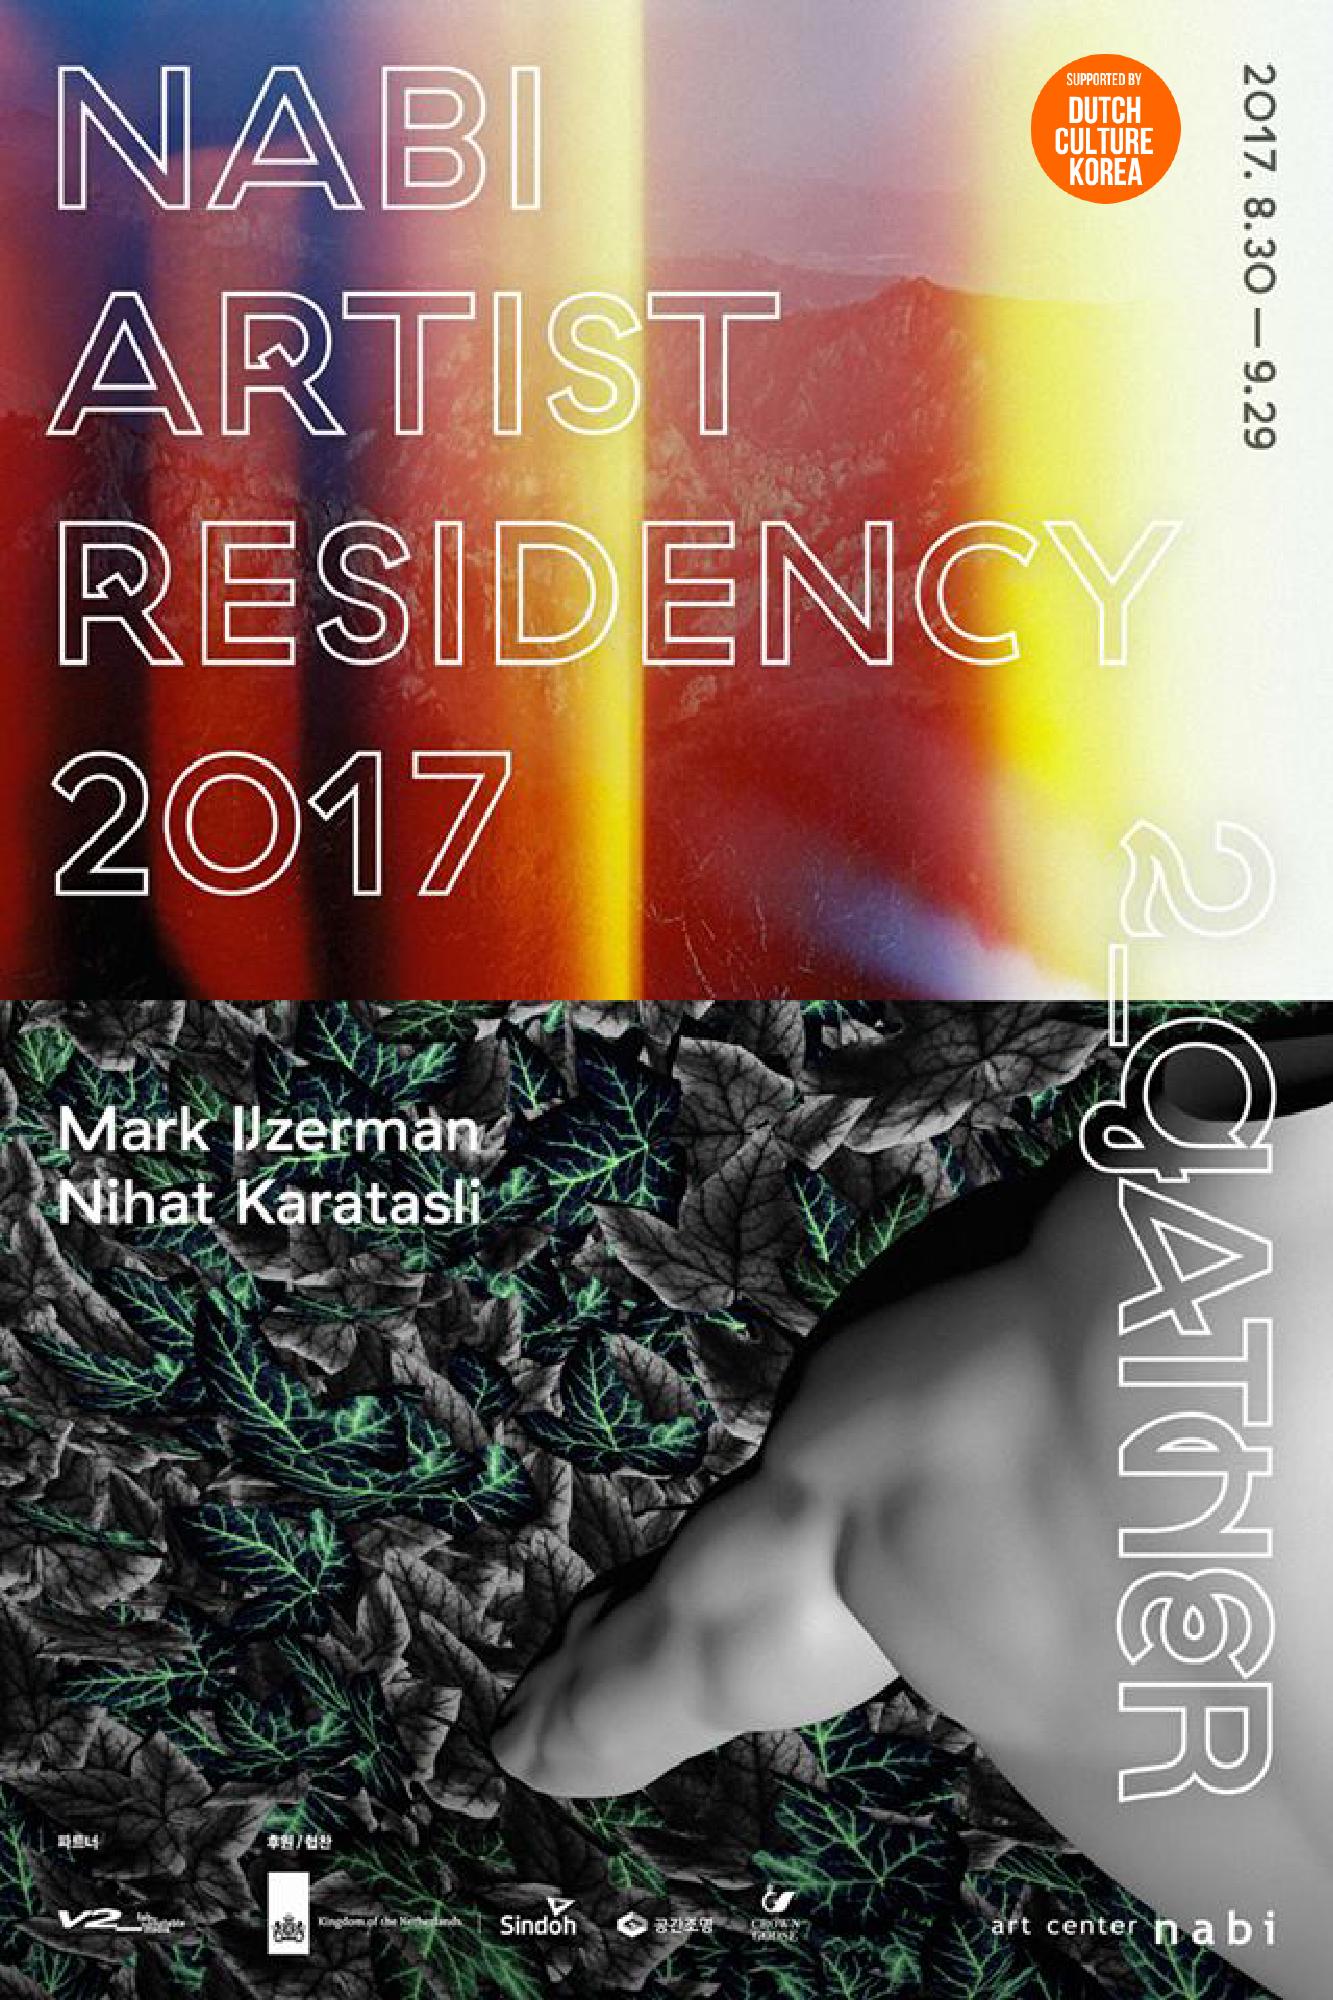 nabi artist residency 2017